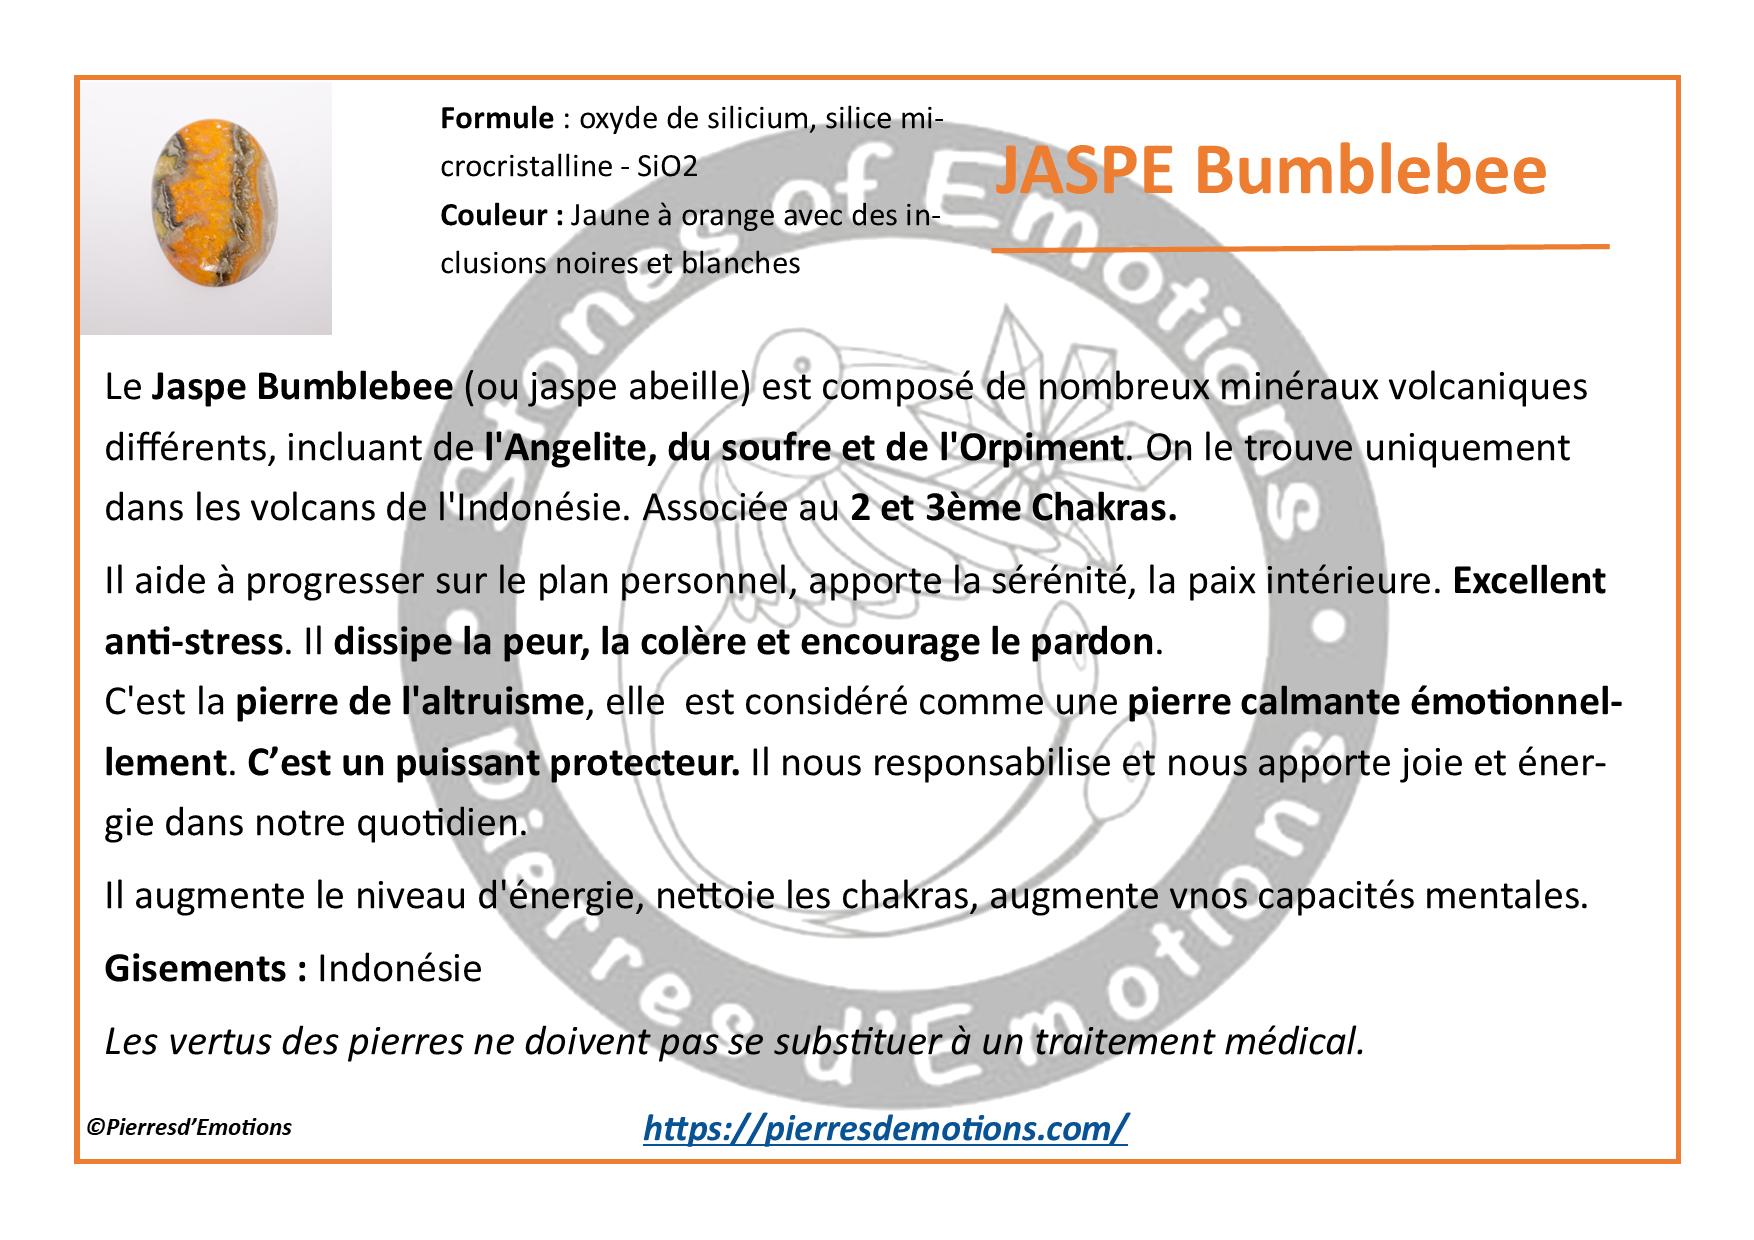 JaspeBumblebee